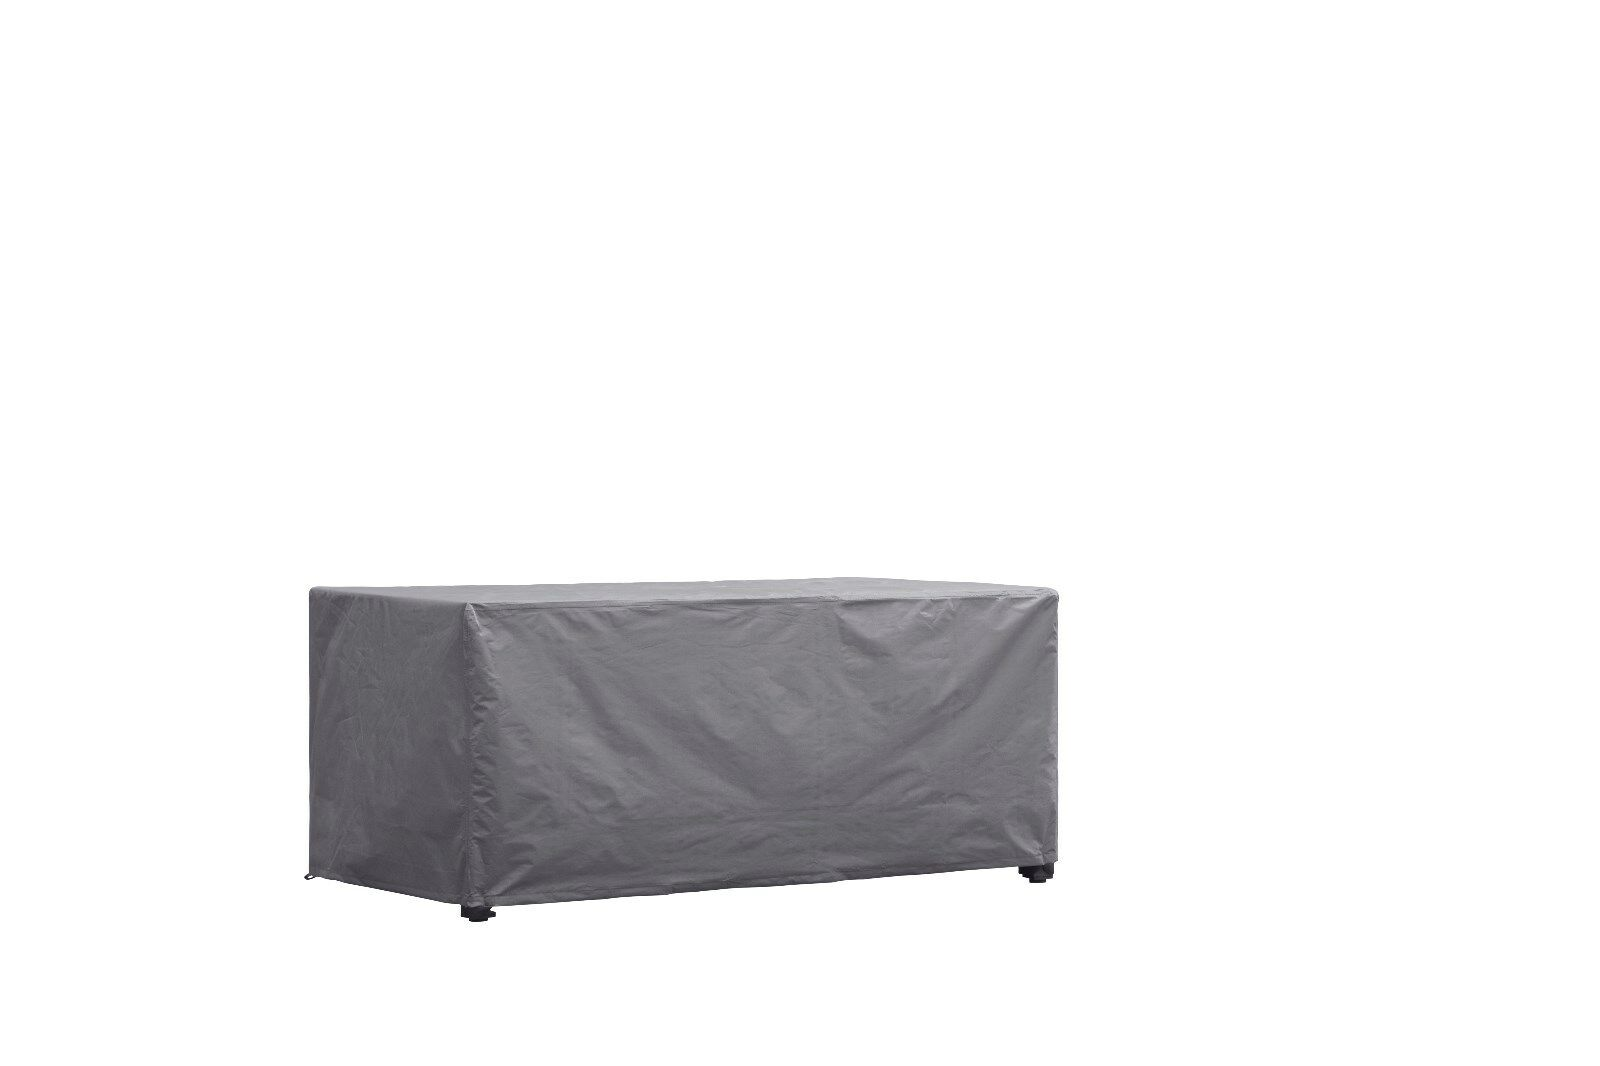 Premium Schutzhülle für Tische 165x105x75cm     | | | Am wirtschaftlichsten  8ff902